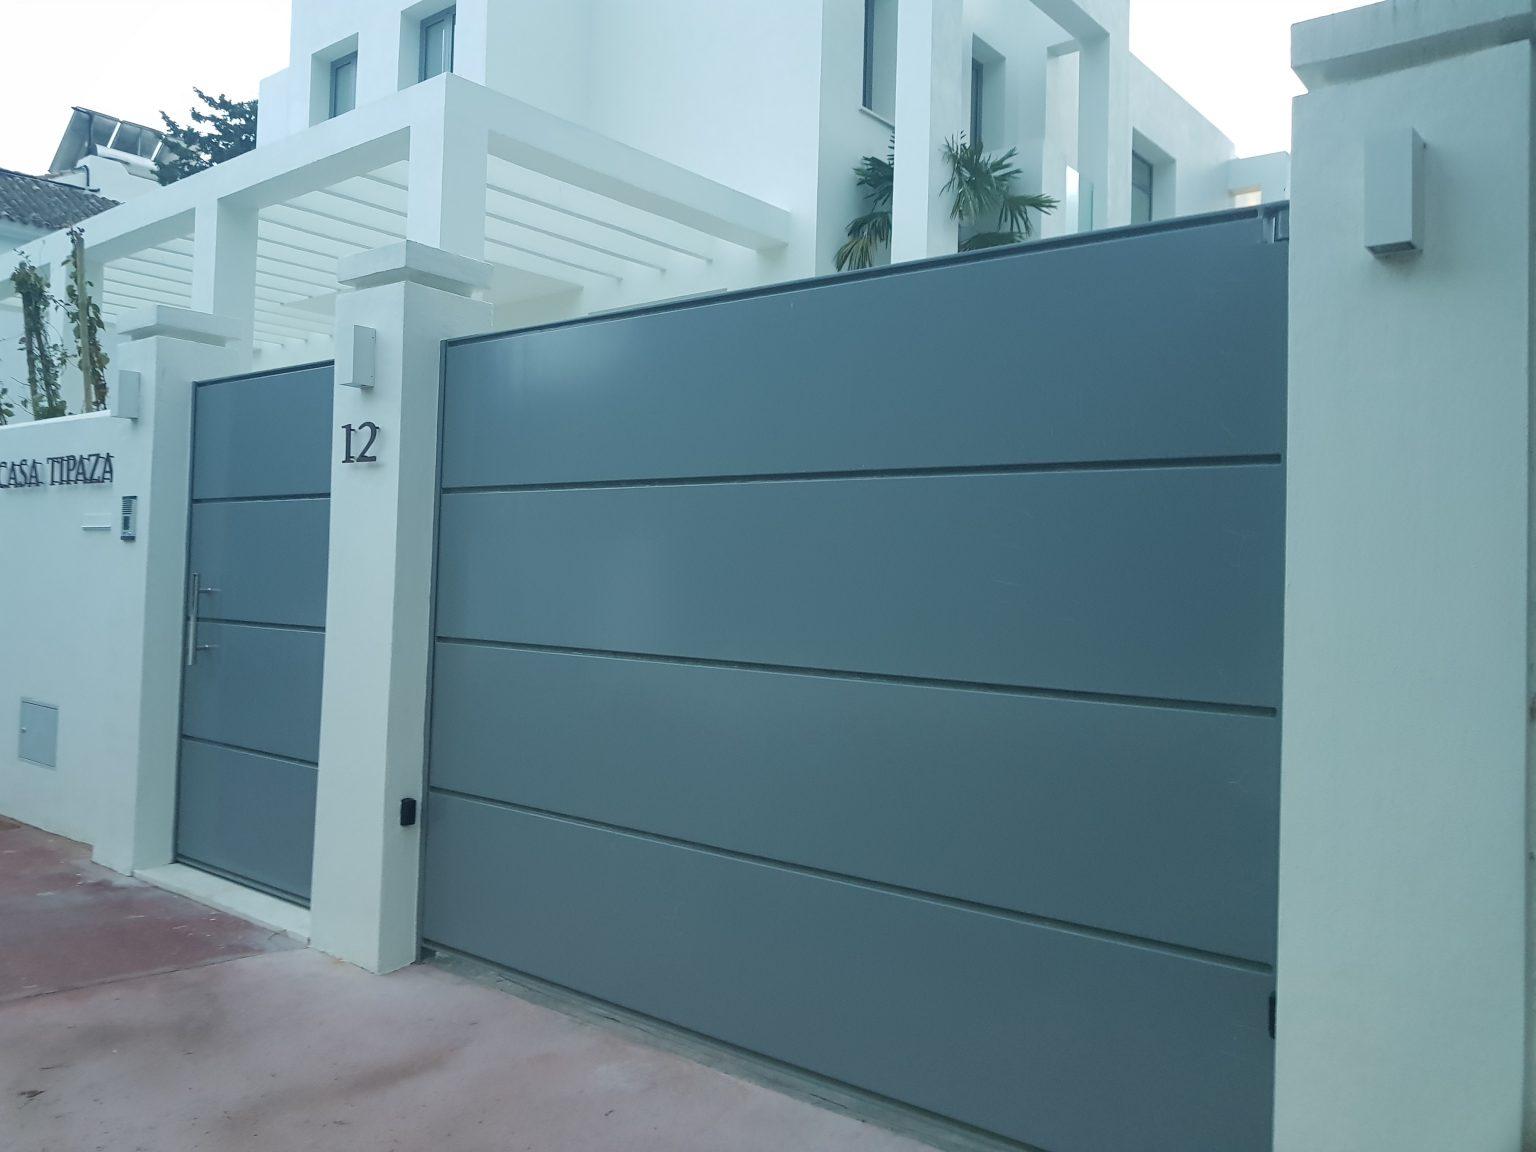 Irish Fencing Composite Fences And Gates (69)